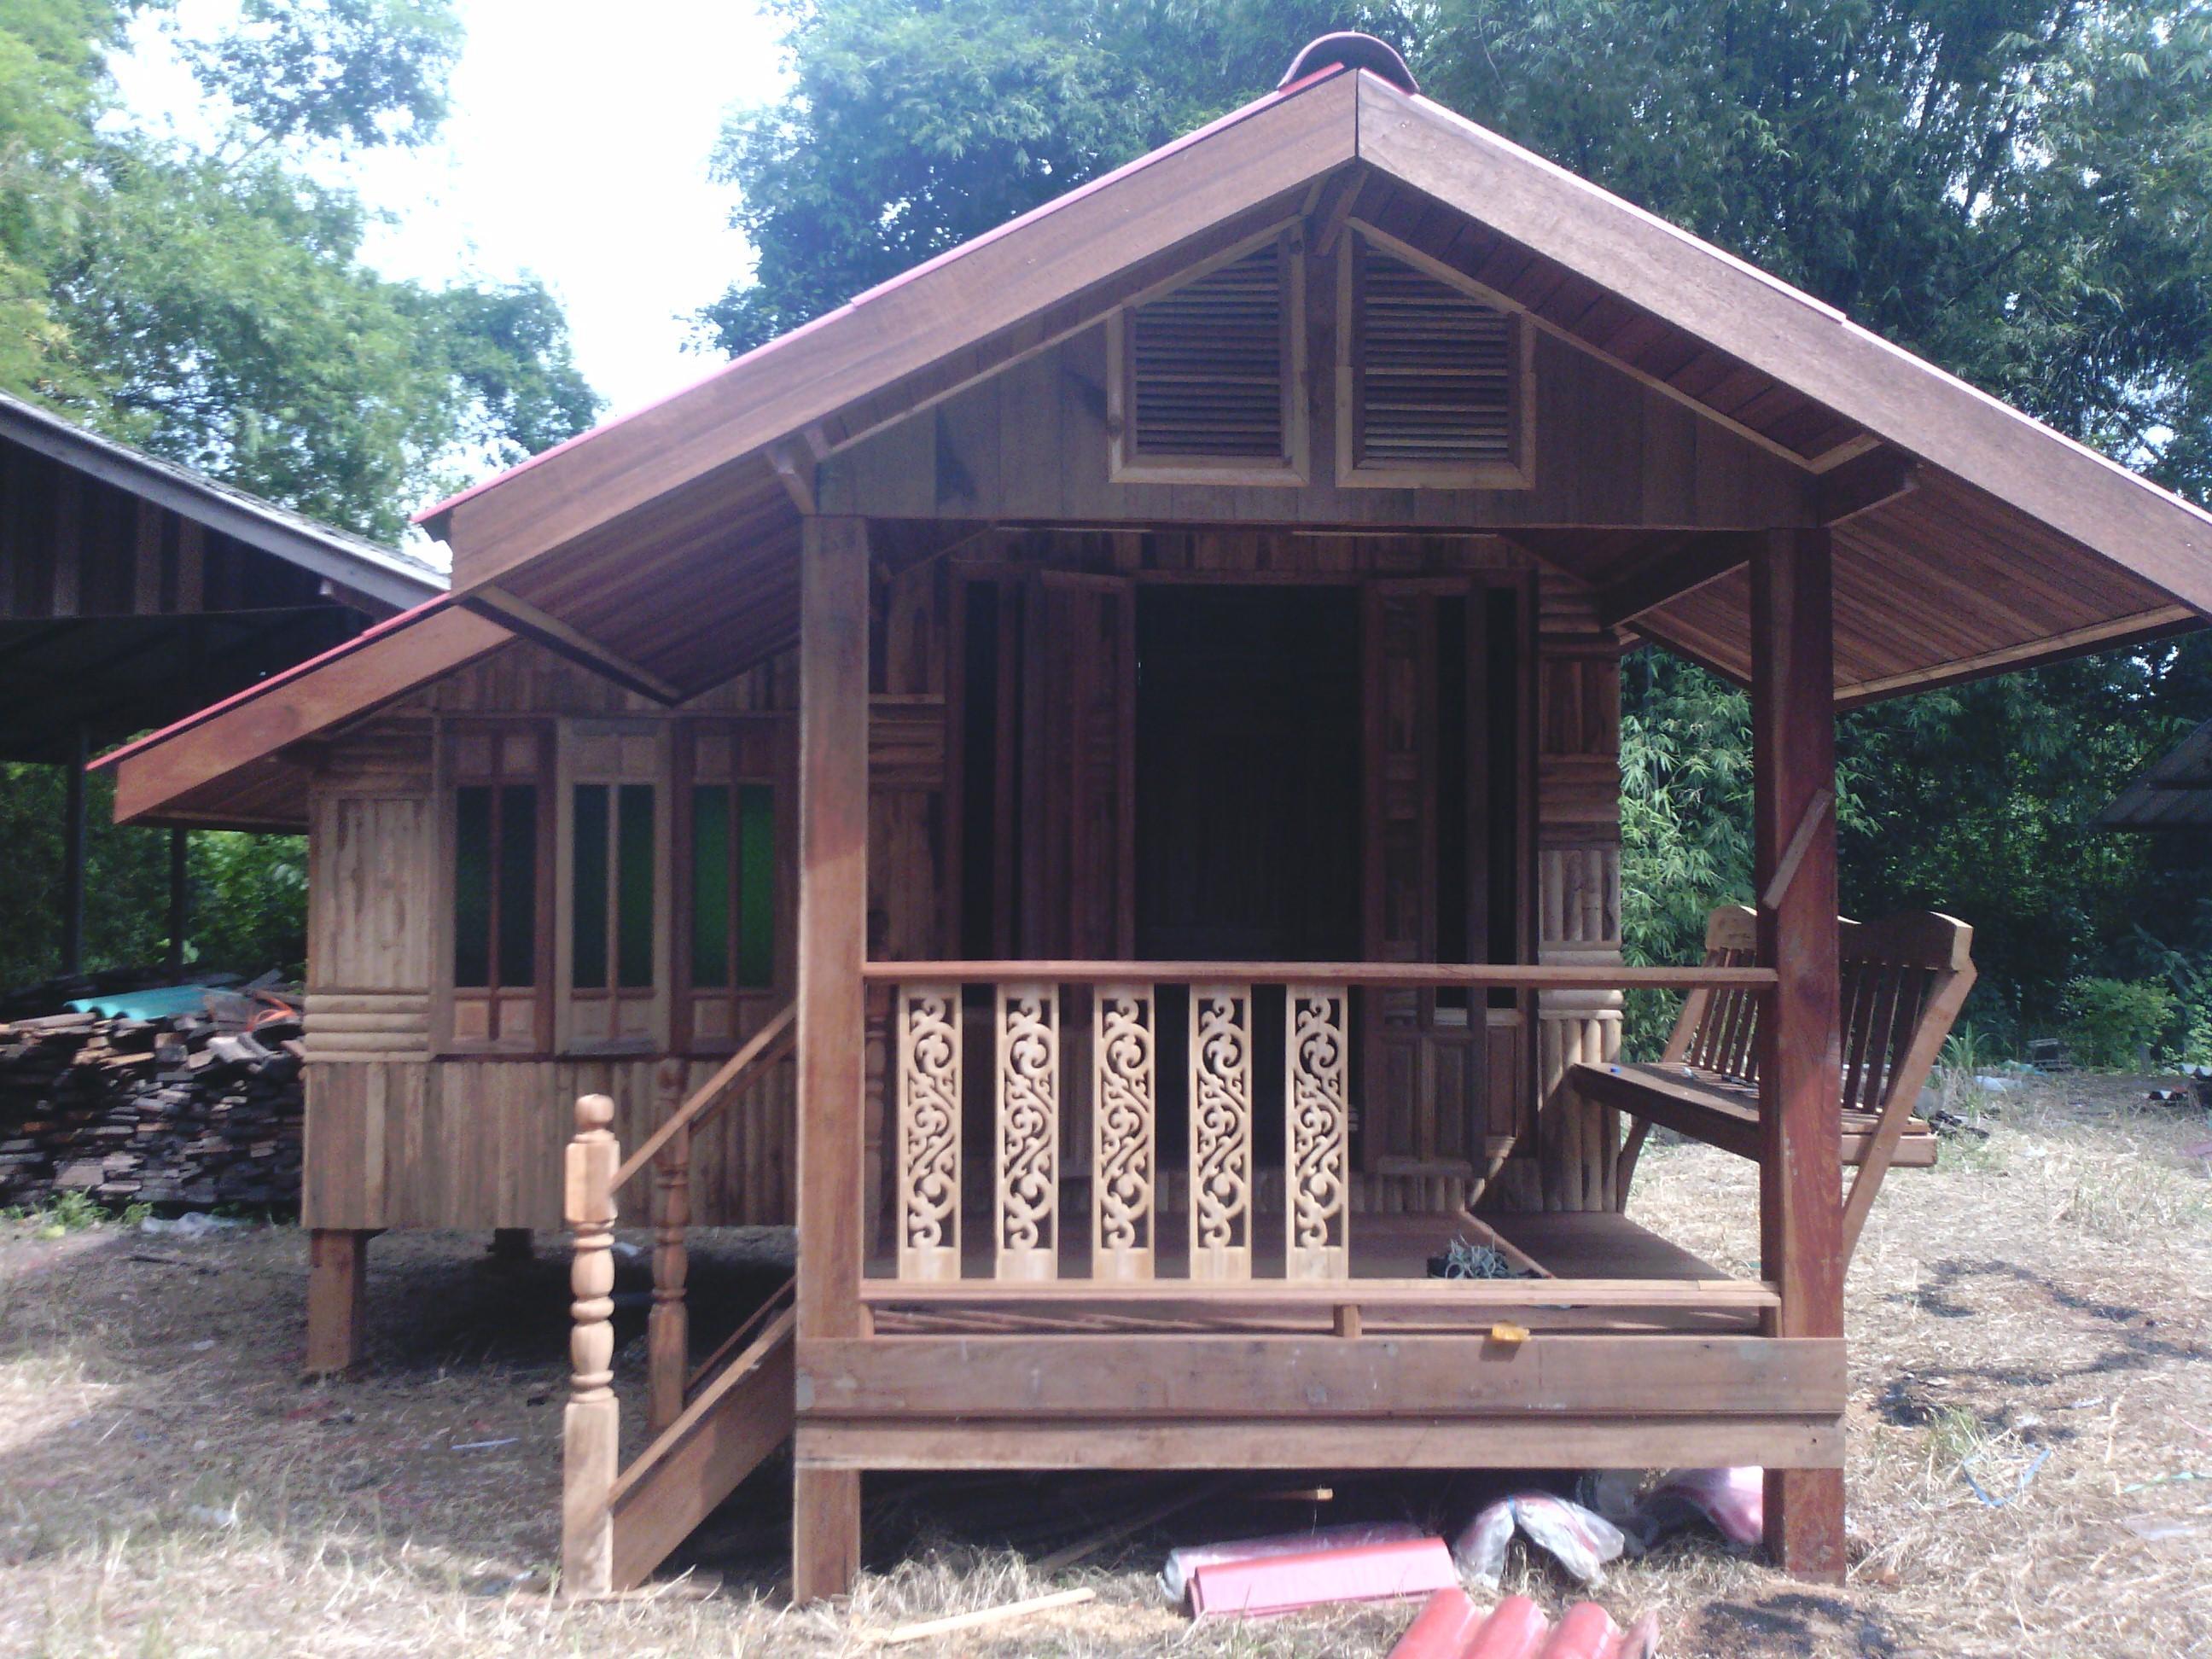 木板做的房子图片